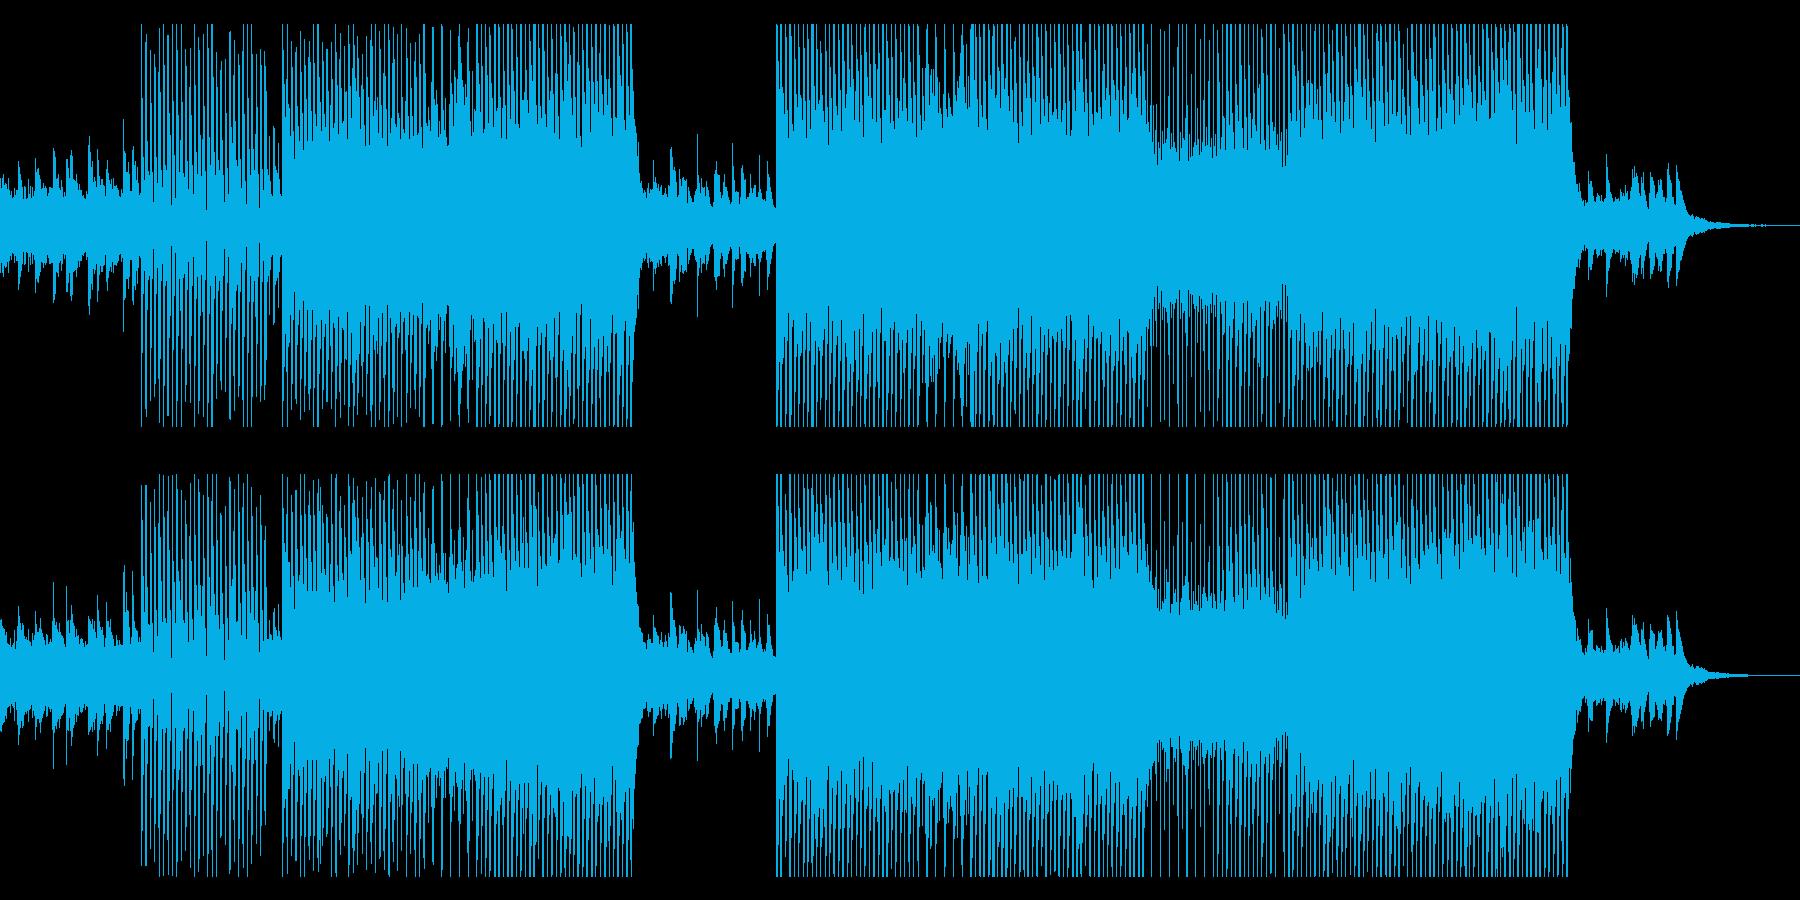 ポップで爽やかなハウス曲の再生済みの波形